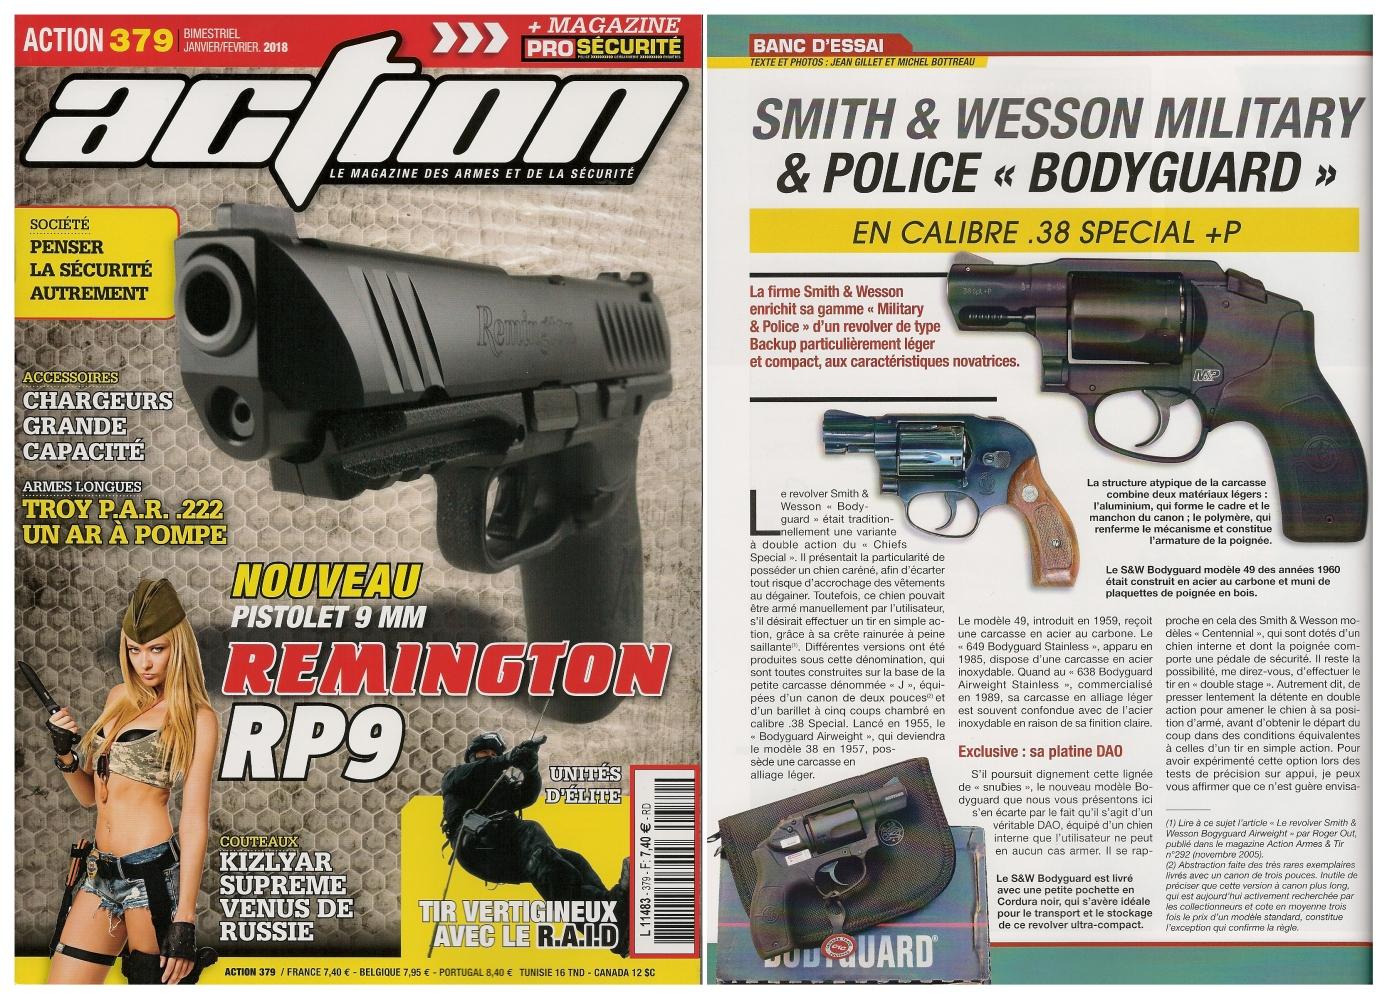 Le banc d'essai du revolver Smith & Wesson M&P Bodyguard a été publié sur 6 pages dans le magazine Action n° 379 (janvier/février 2018).